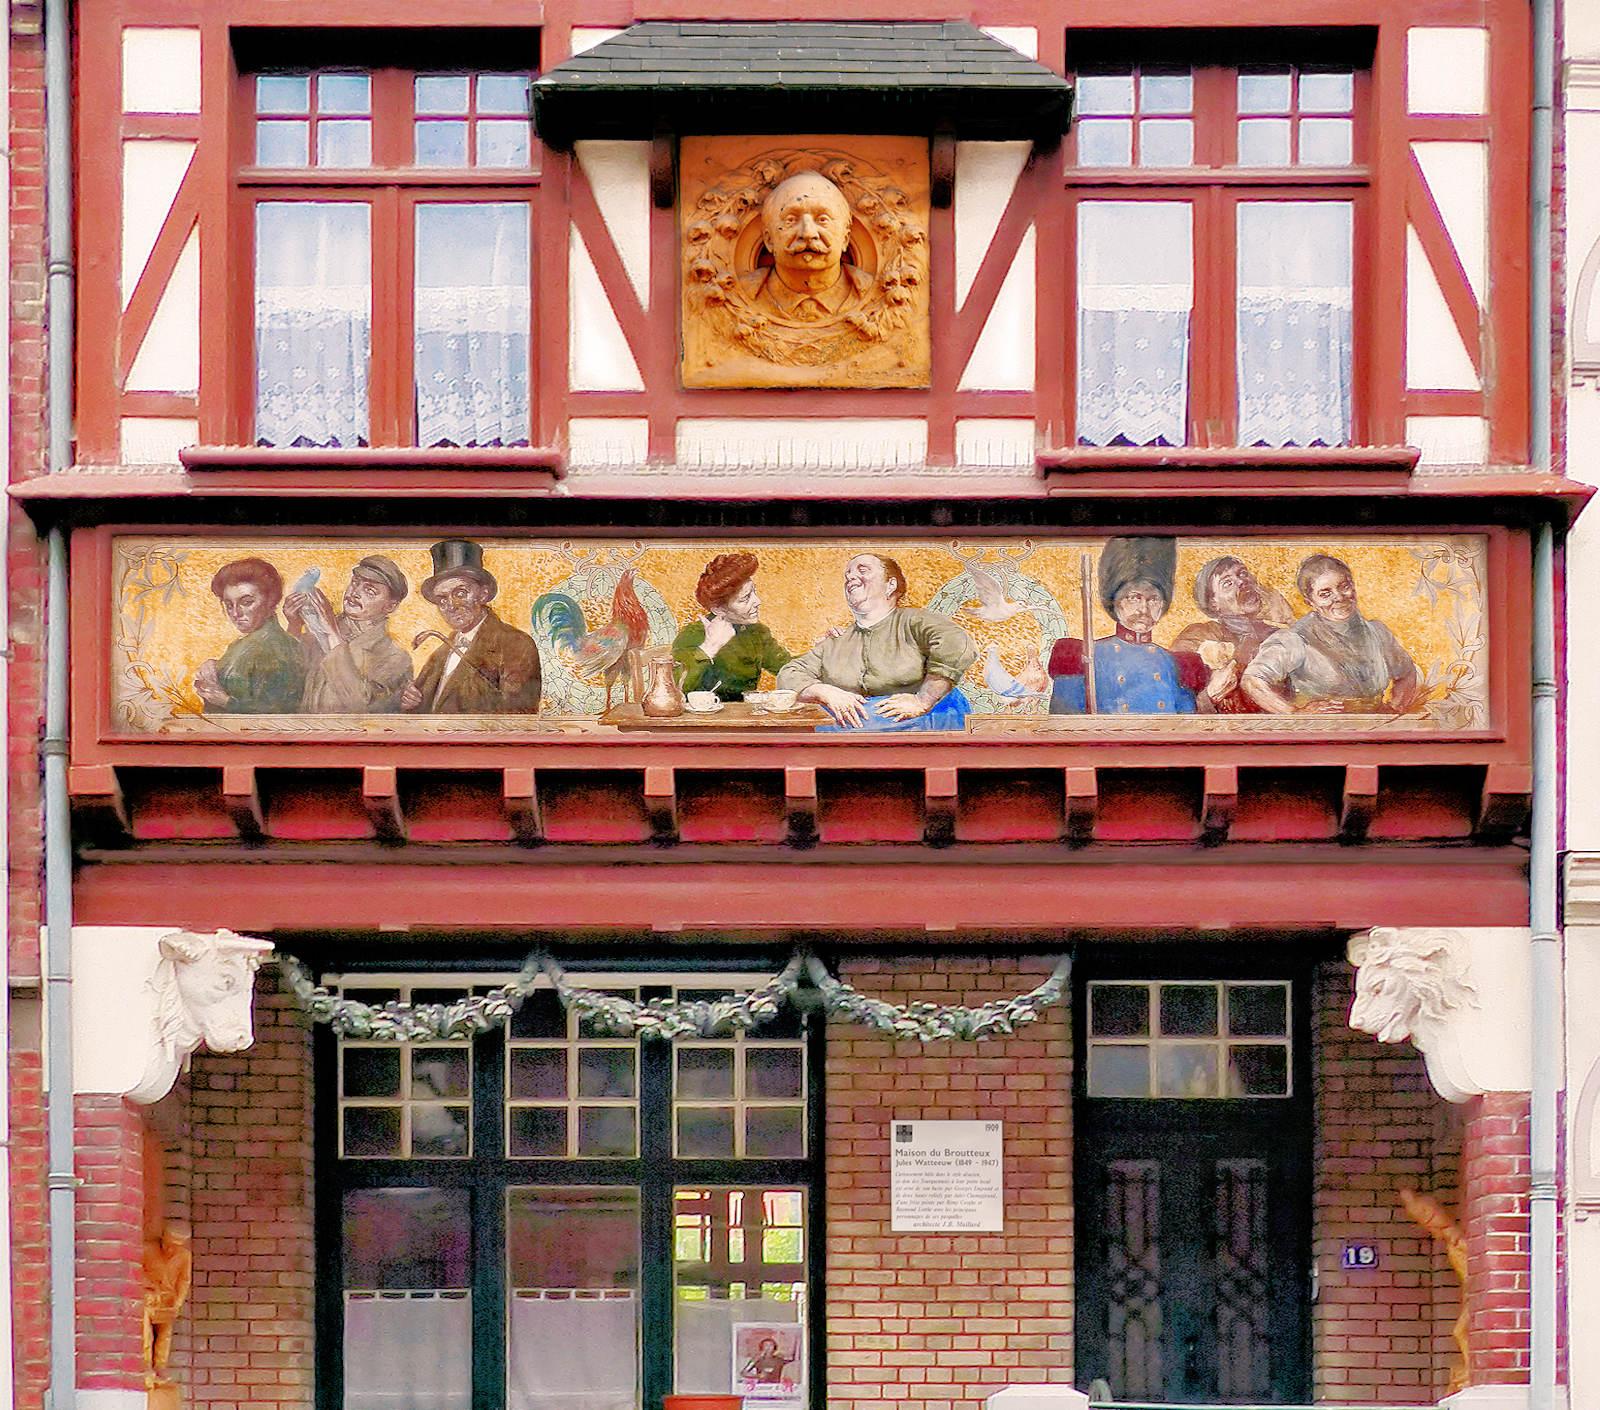 Maison du Broutteux, Tourcoing - La frise centrale.